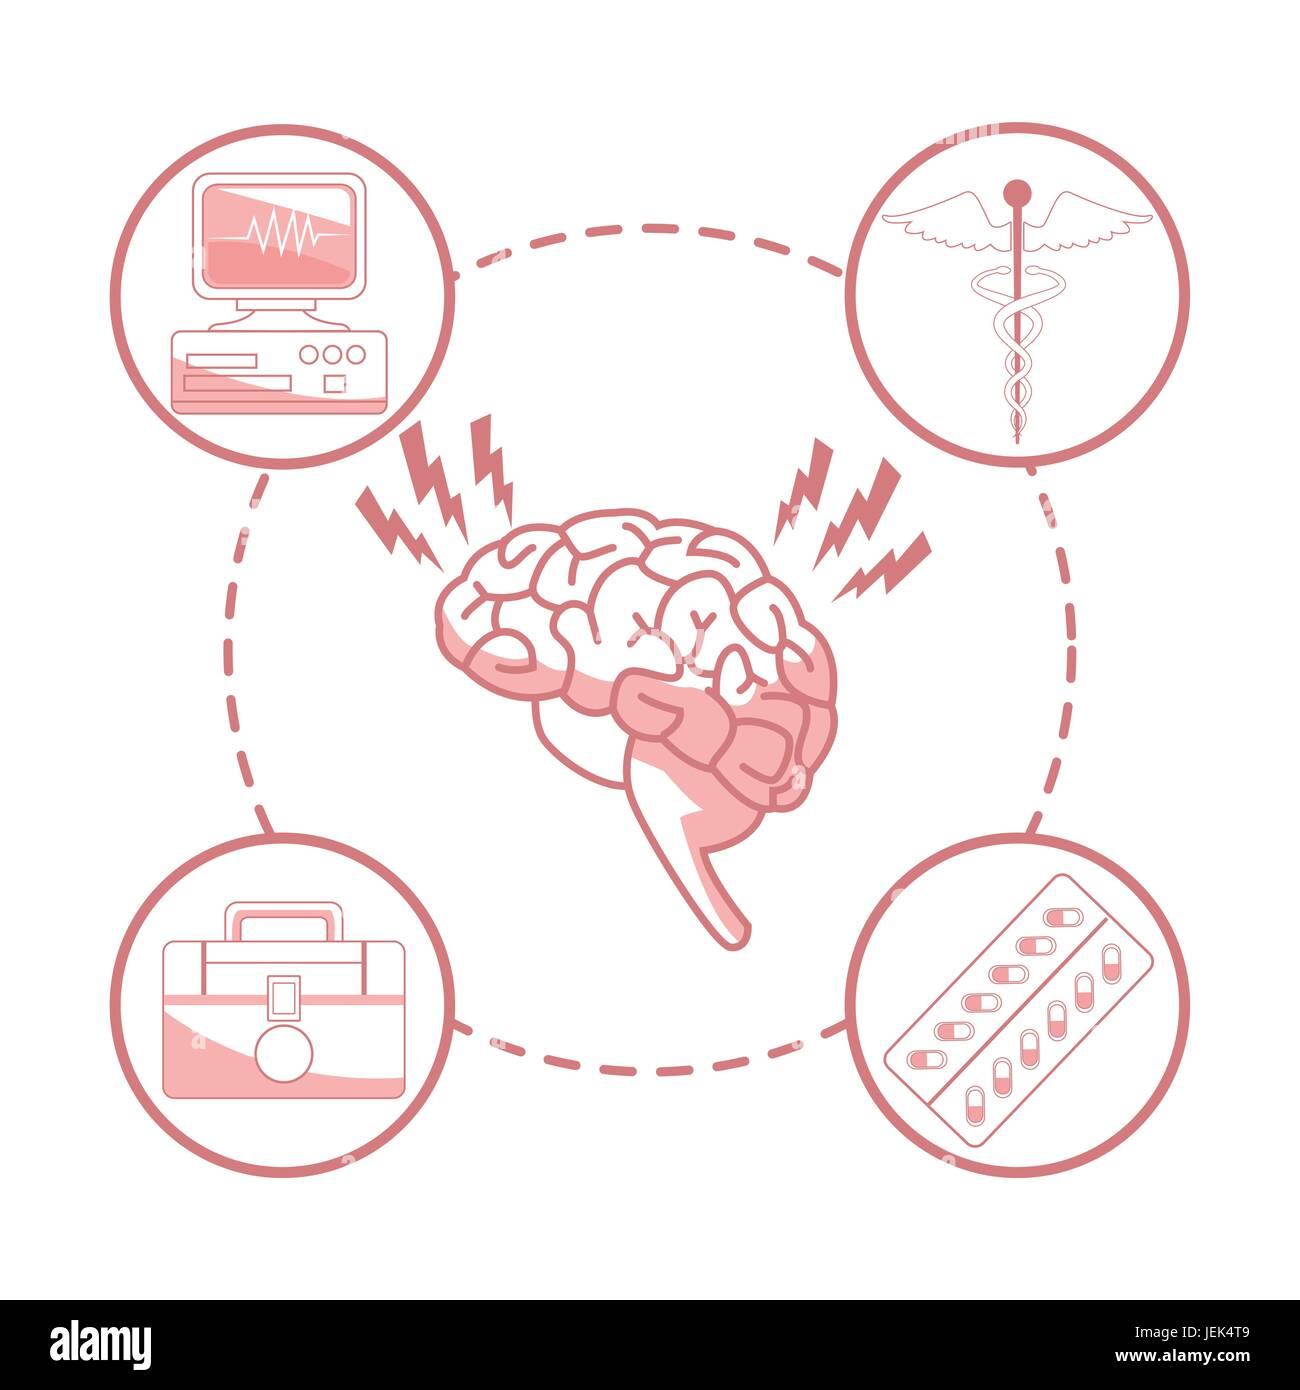 Nett Markiertes Gehirn Diagramm Zeitgenössisch - Menschliche ...